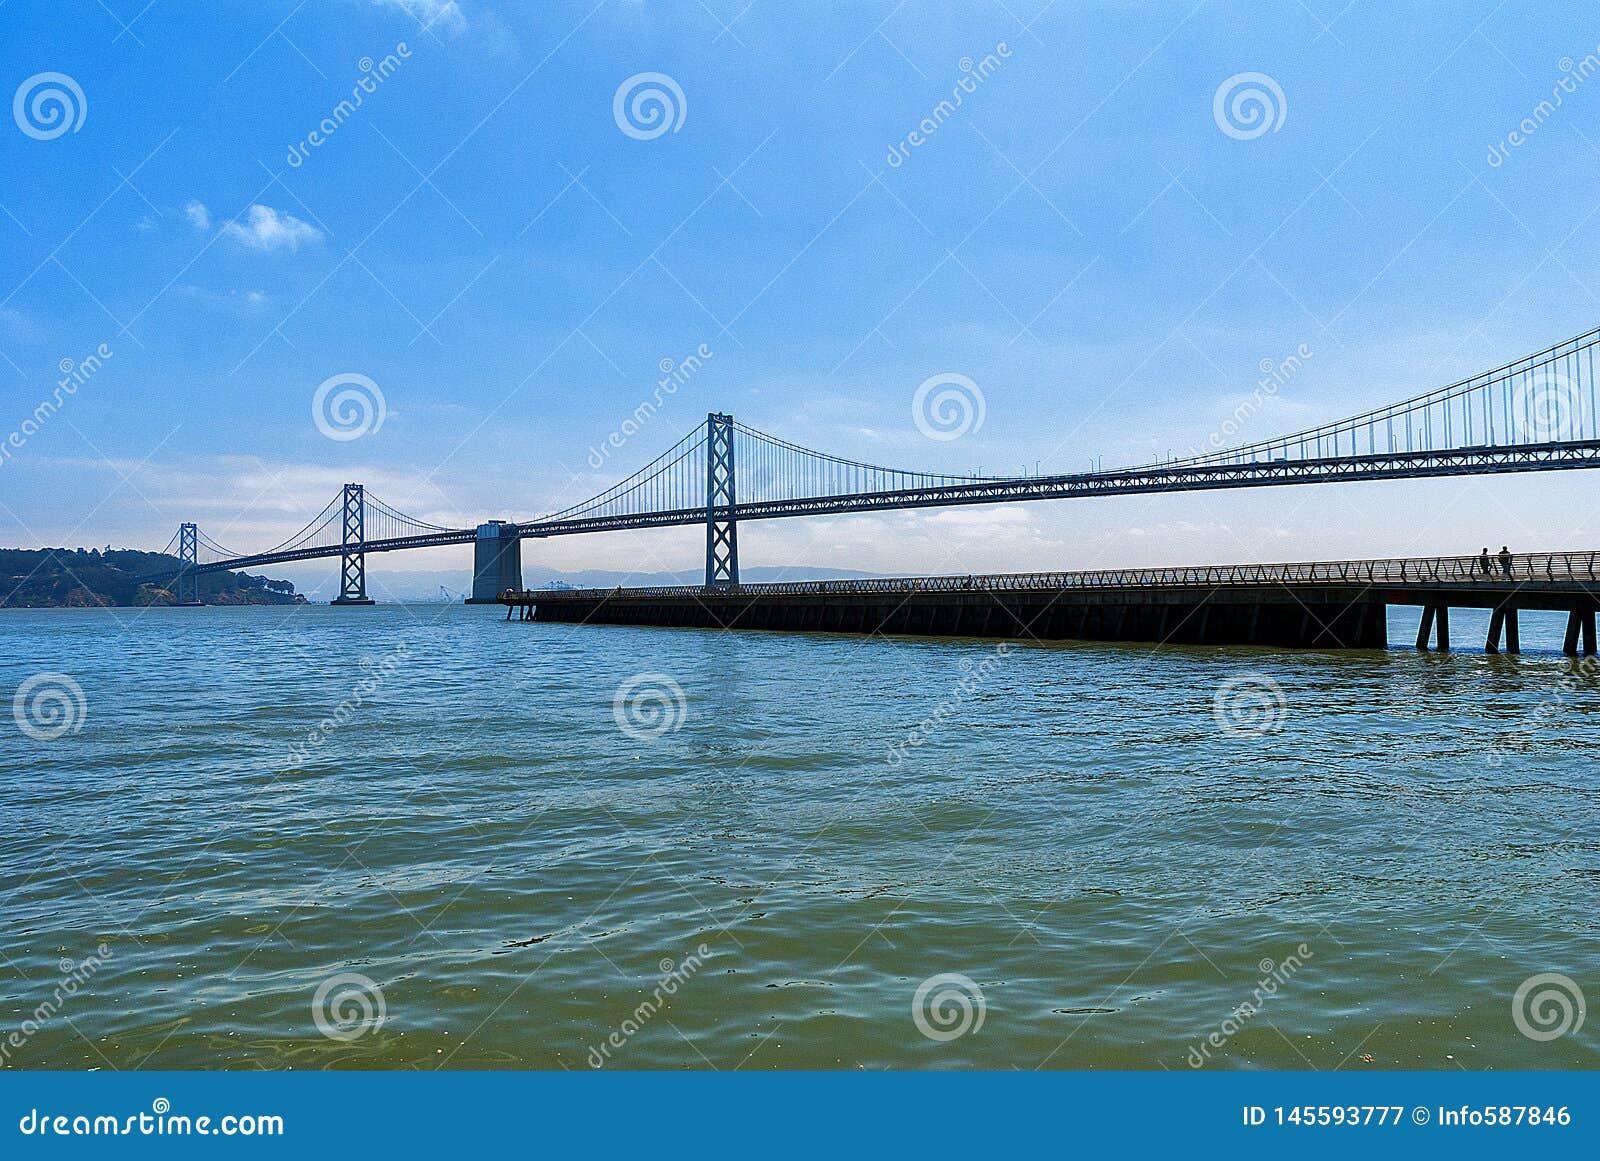 San Francisco Oakland most